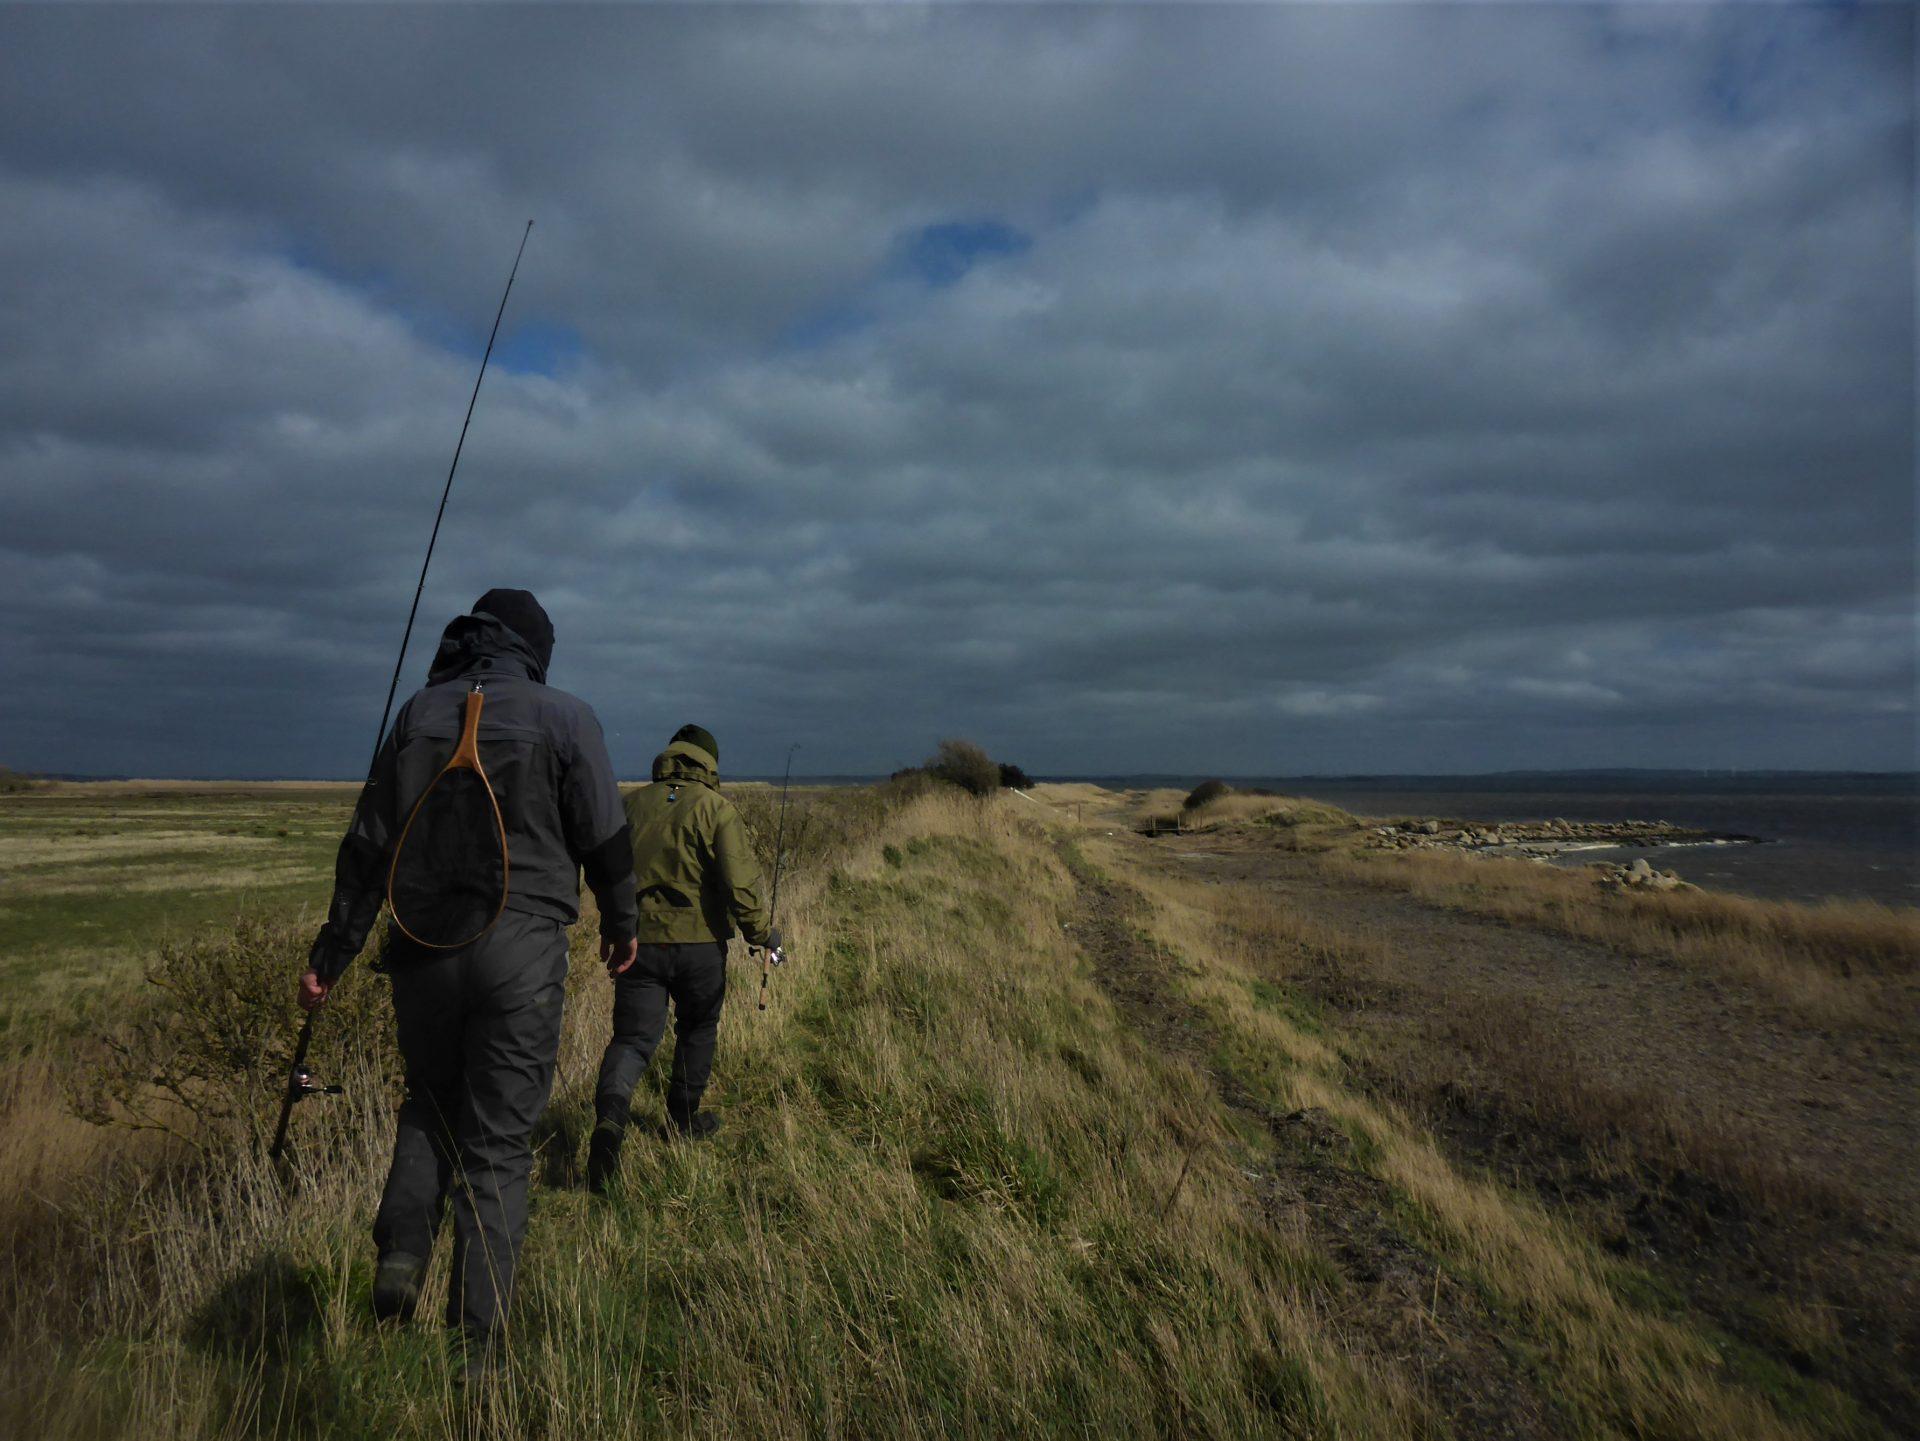 Tøtterne er en nem fiskeplads at kommer til ved Limfjorden